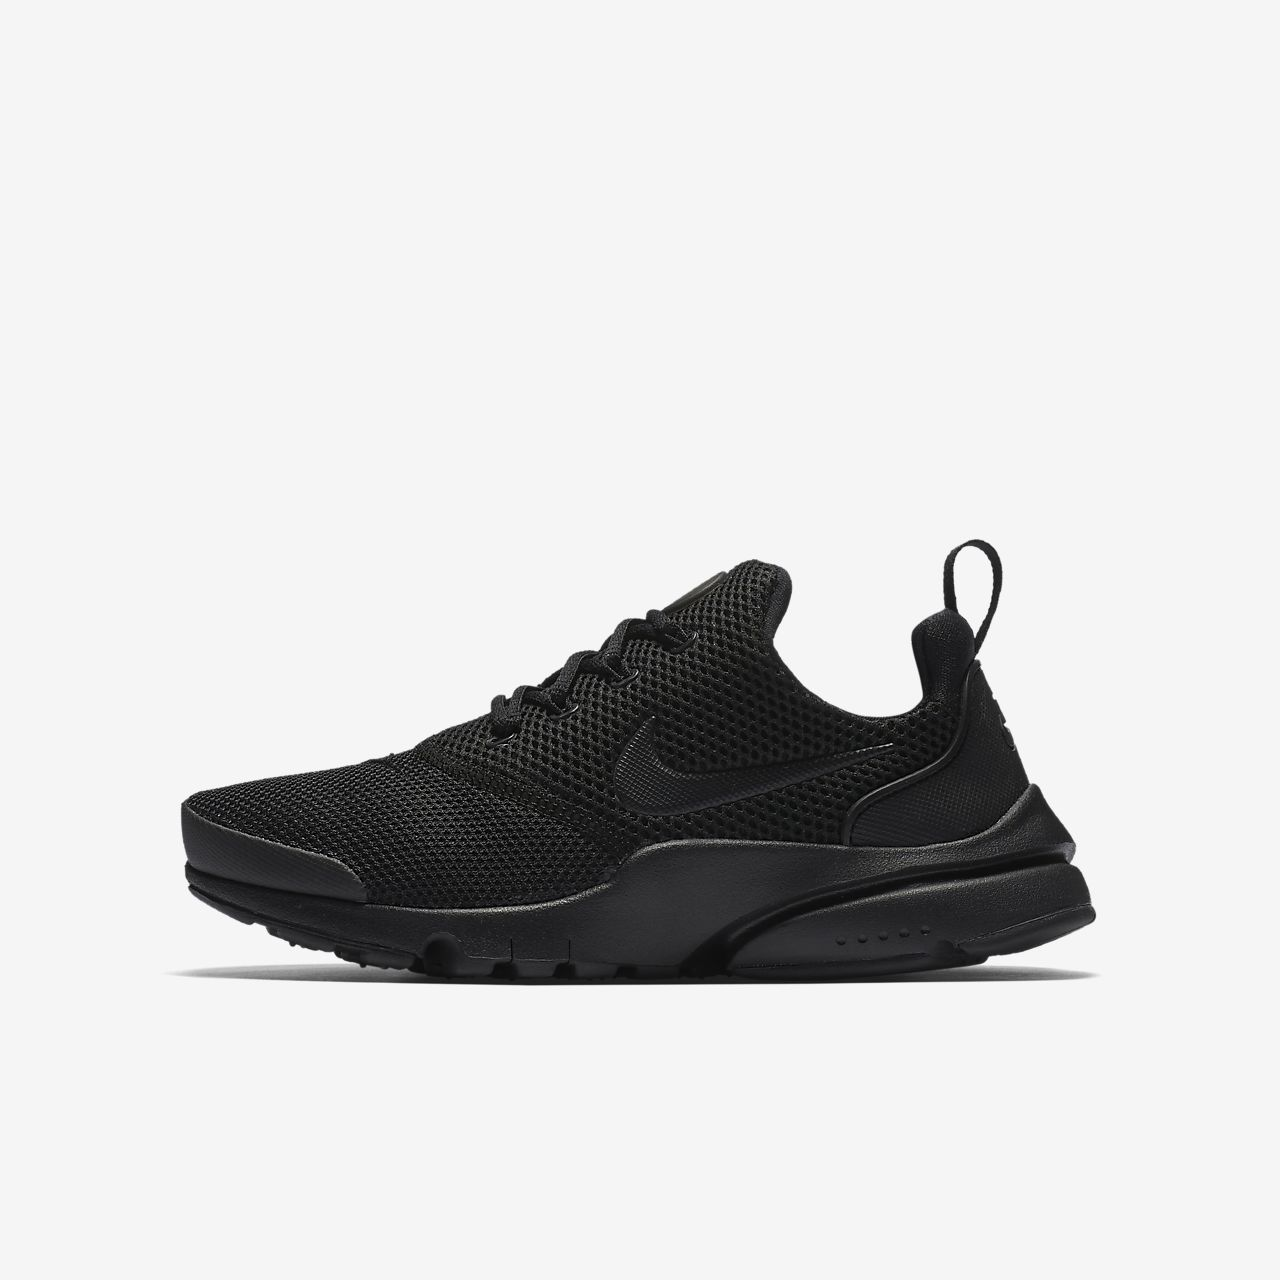 458cb081264945 Nike Presto Fly Older Kids  Shoe. Nike.com CA